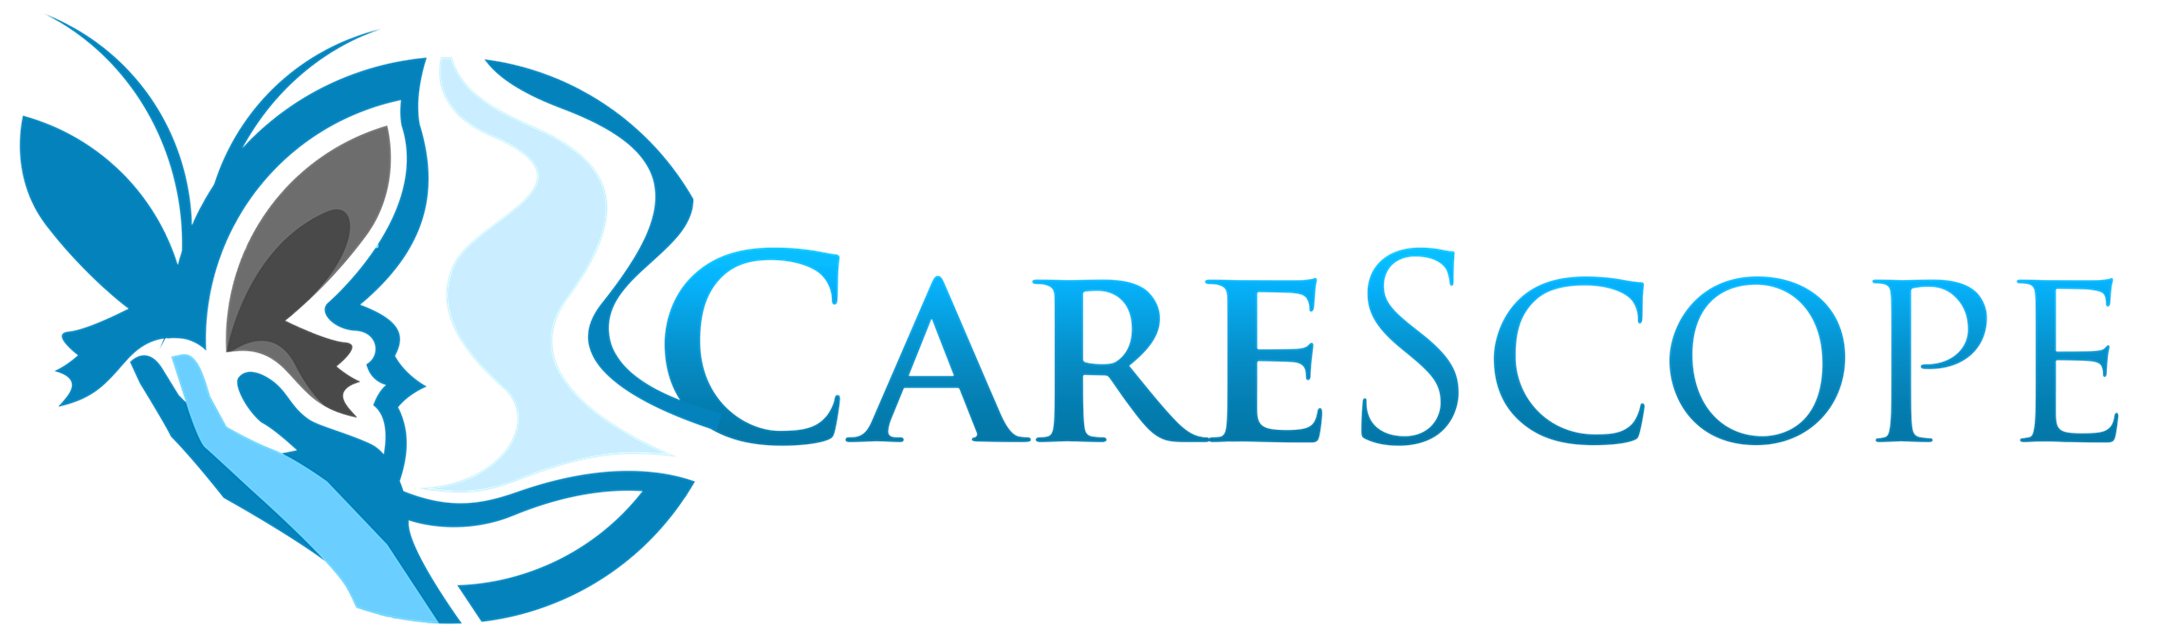 Carescope